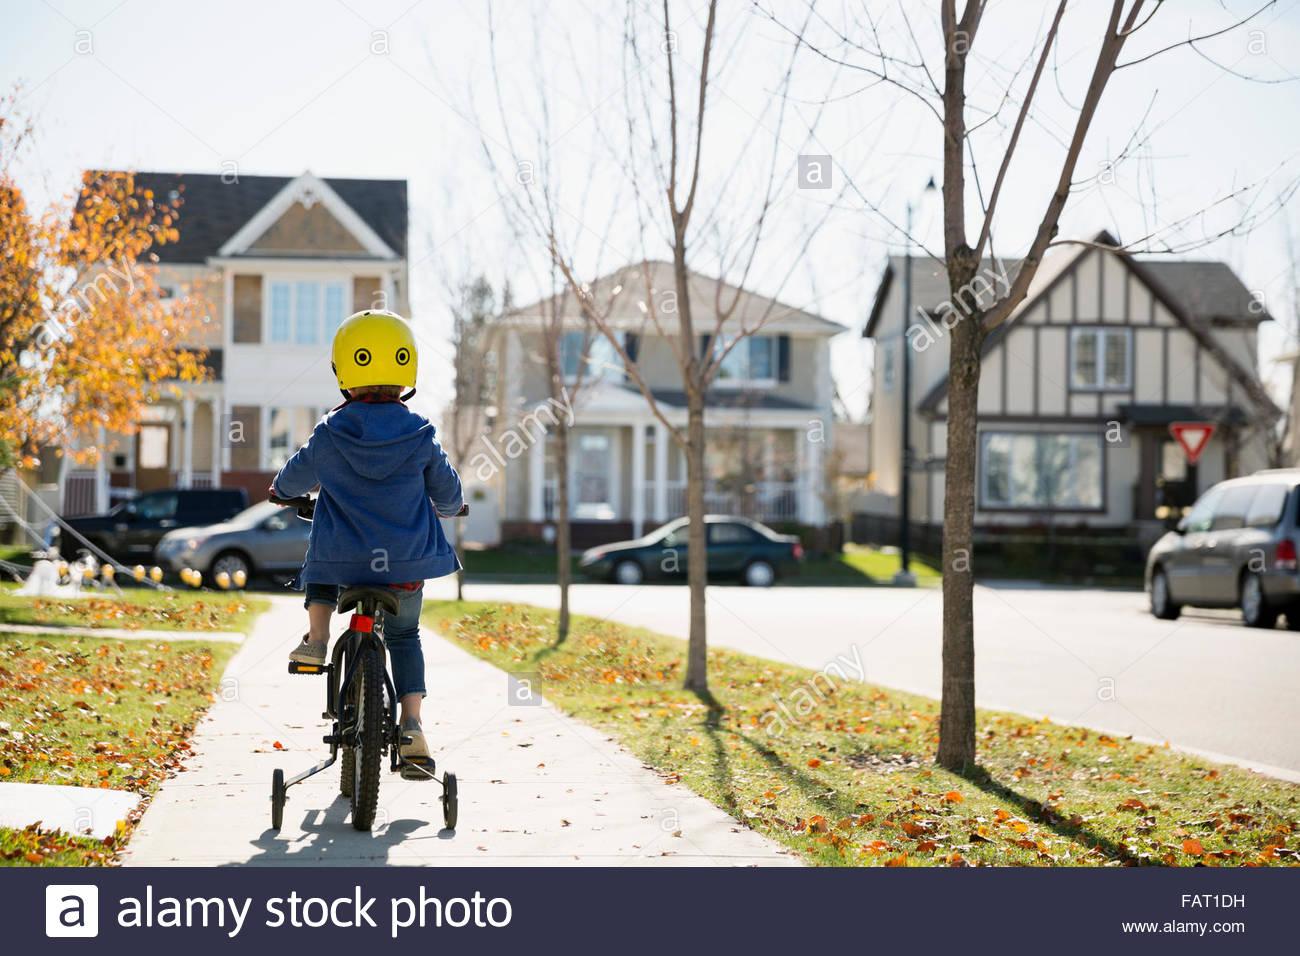 Vista trasera boy montando bicicleta otoño barrio acera Imagen De Stock